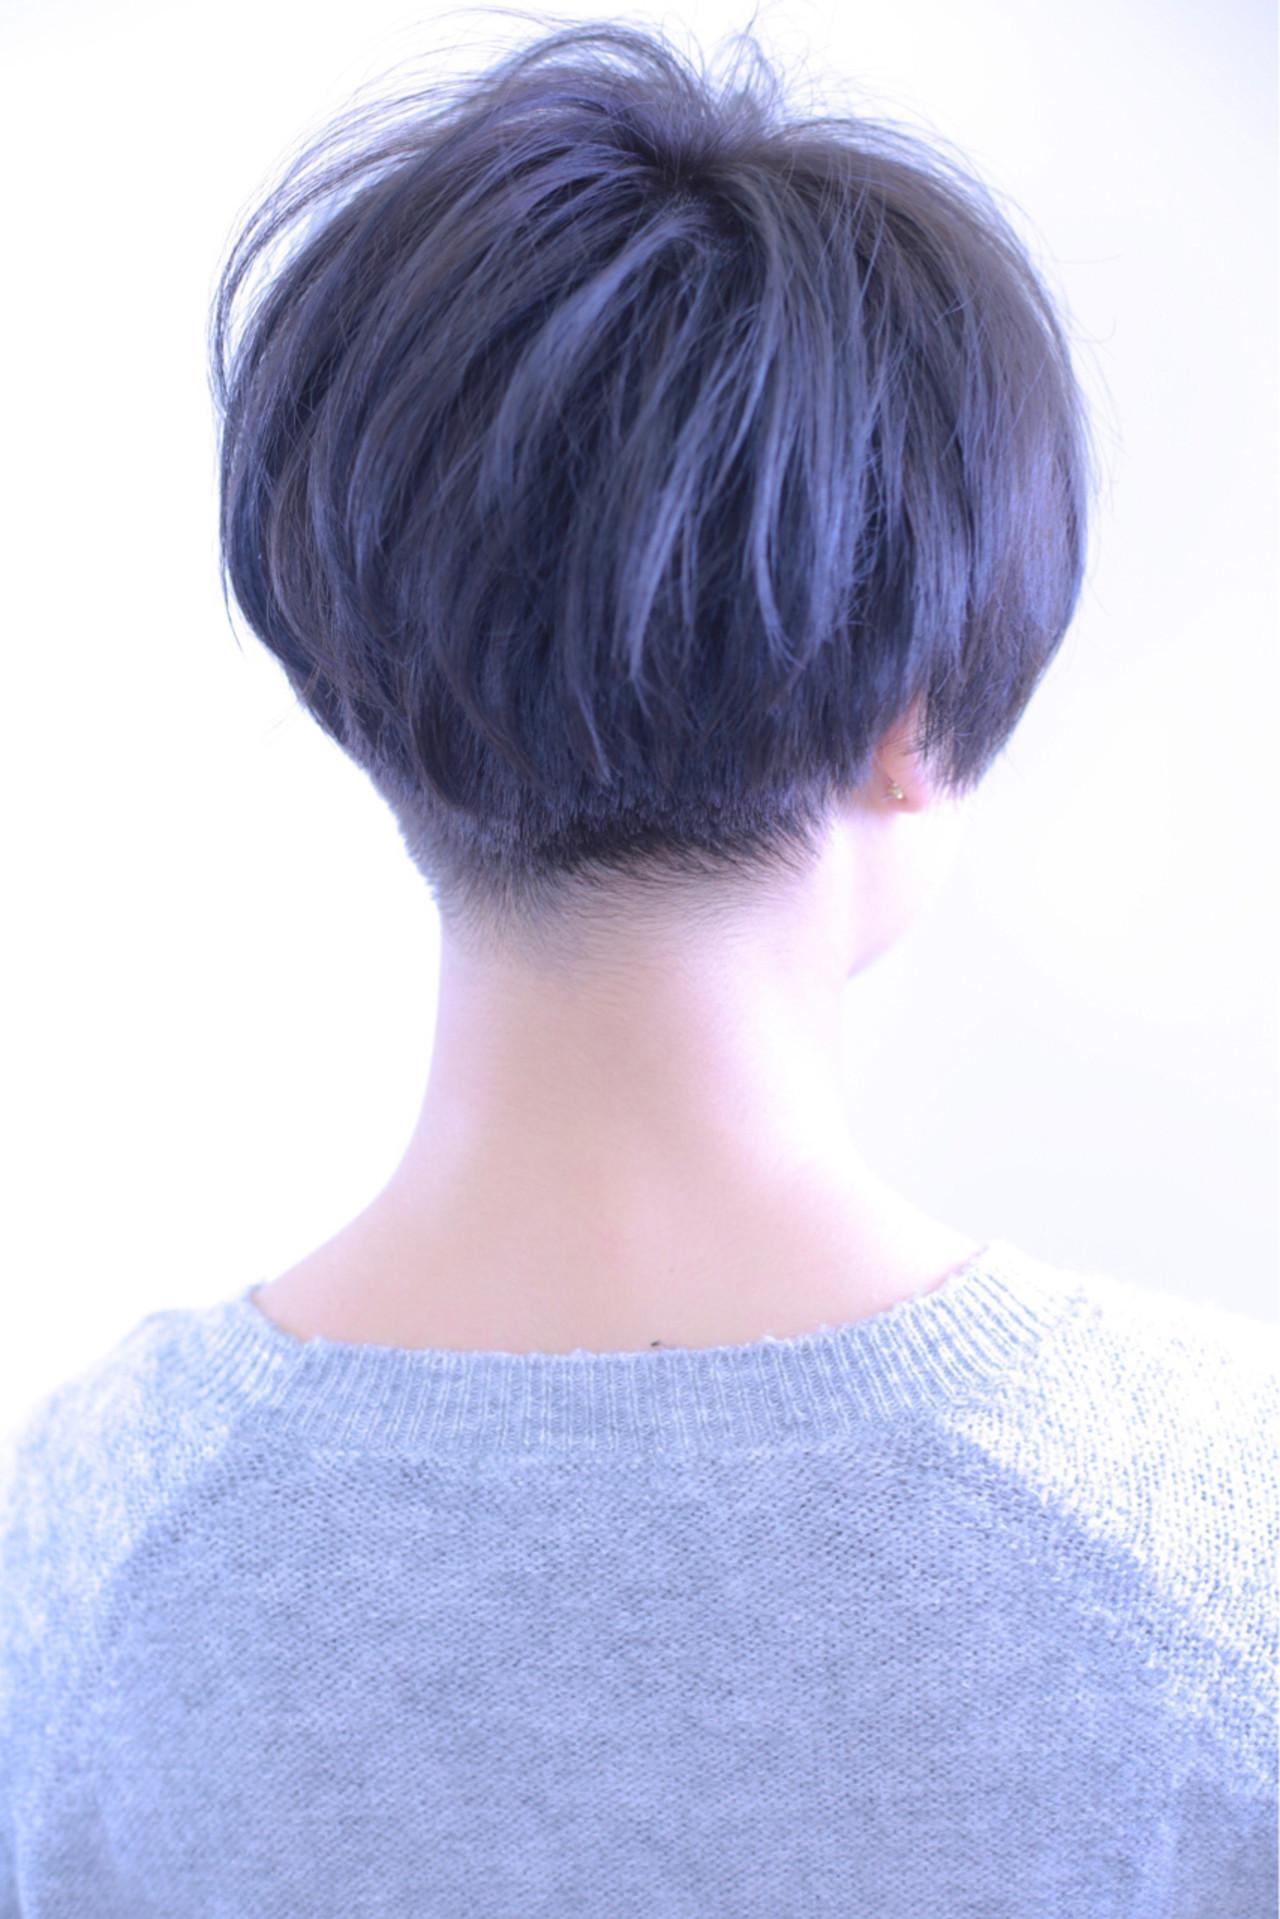 ミディアムカットって知ってる?クール女子になれちゃうおすすめヘアスタイル 伊藤 裕貴  e-style上小田井店